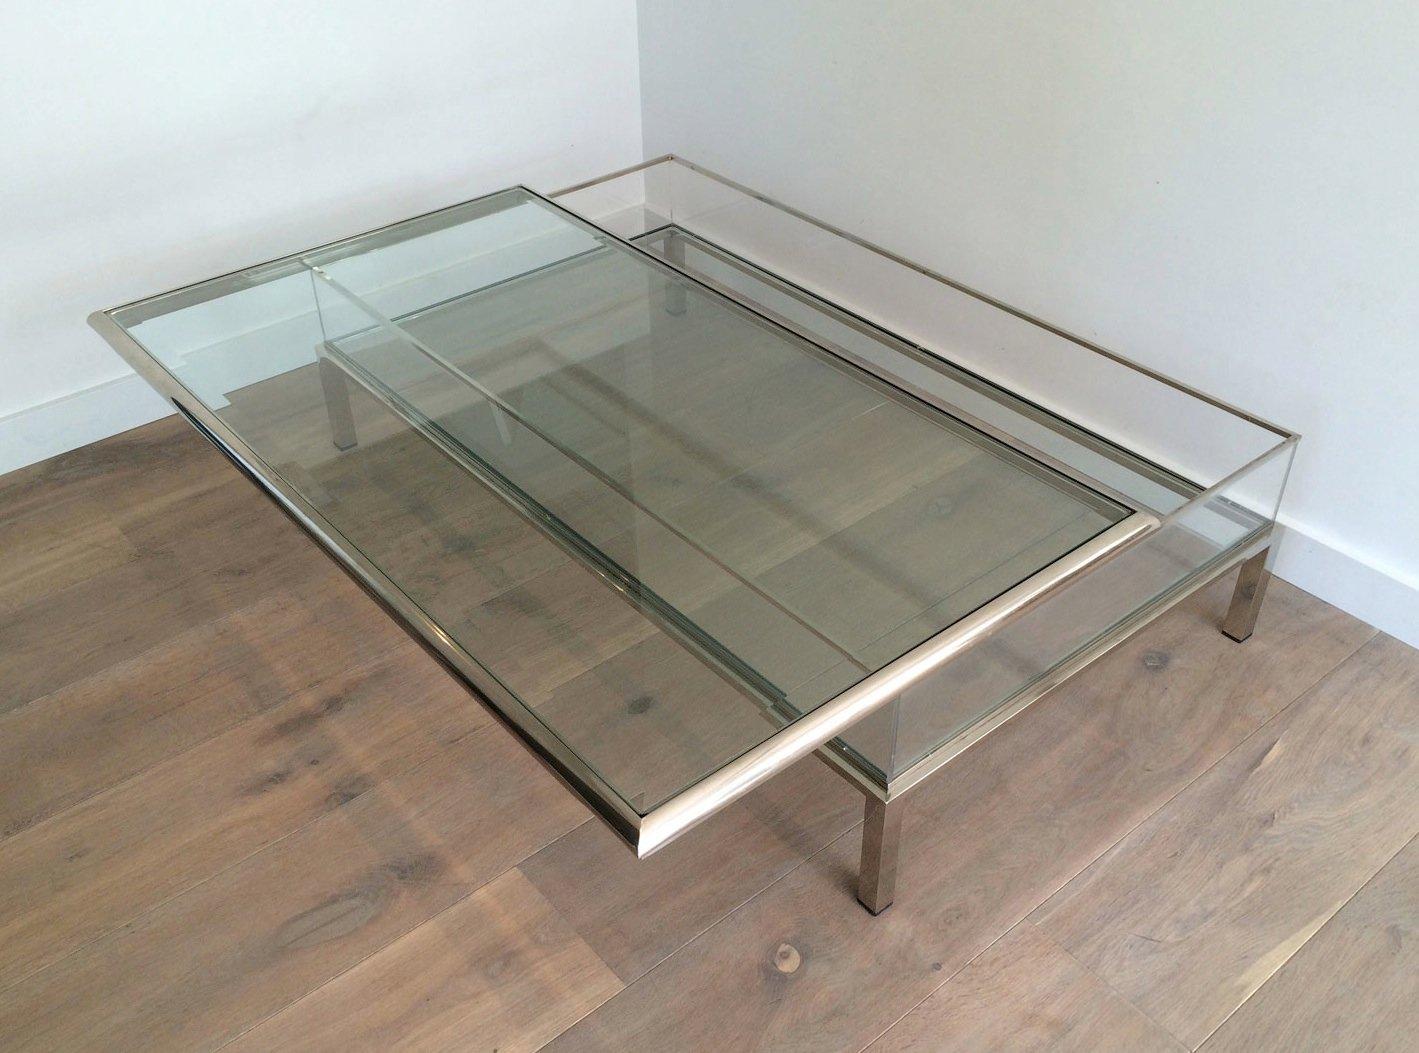 Niedriger plexiglas chrom tisch mit schiebeplatte for Plexiglas tisch design